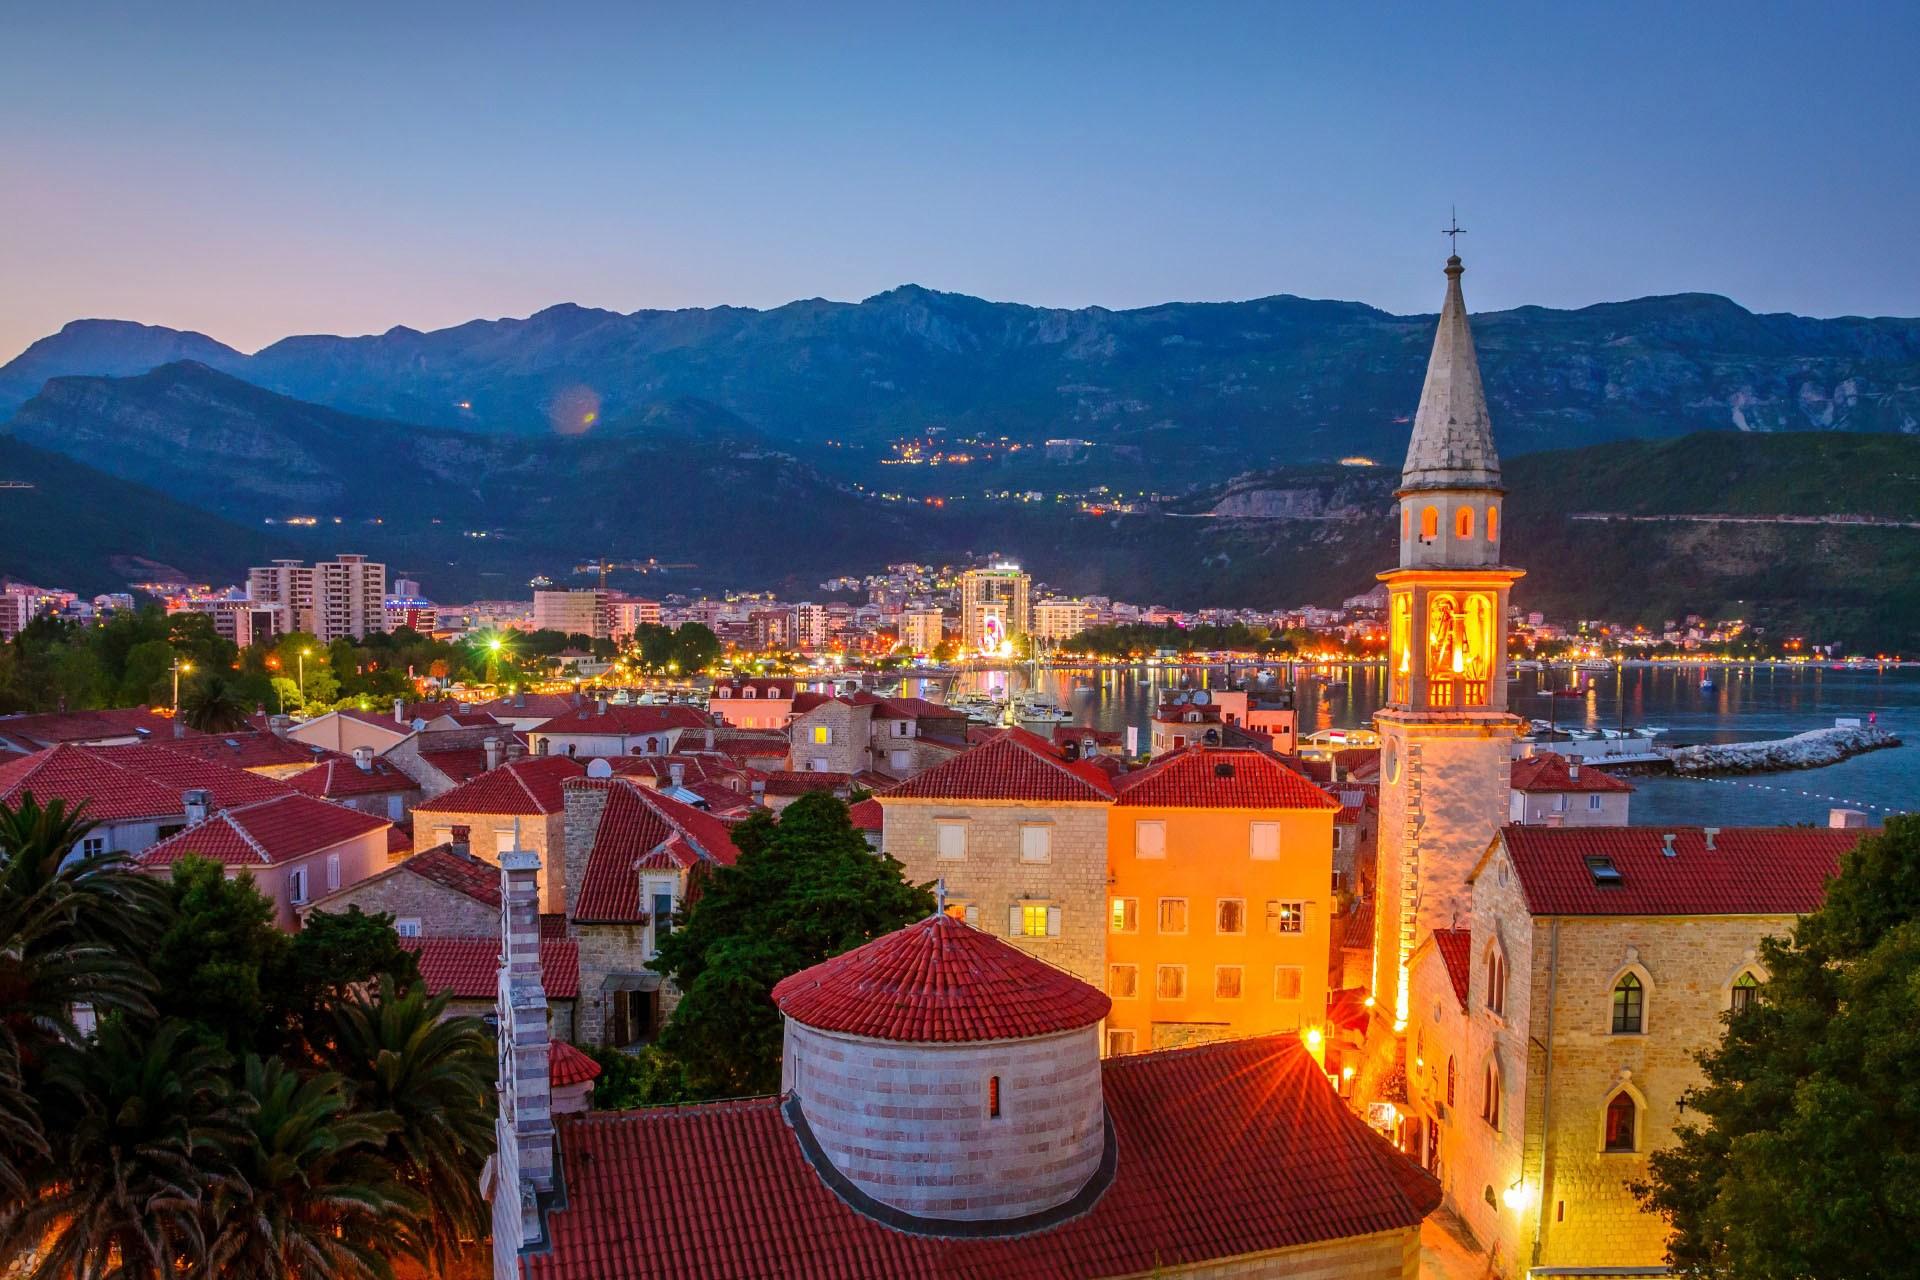 ブドヴァ旧市街の風景 モンテネグロの風景